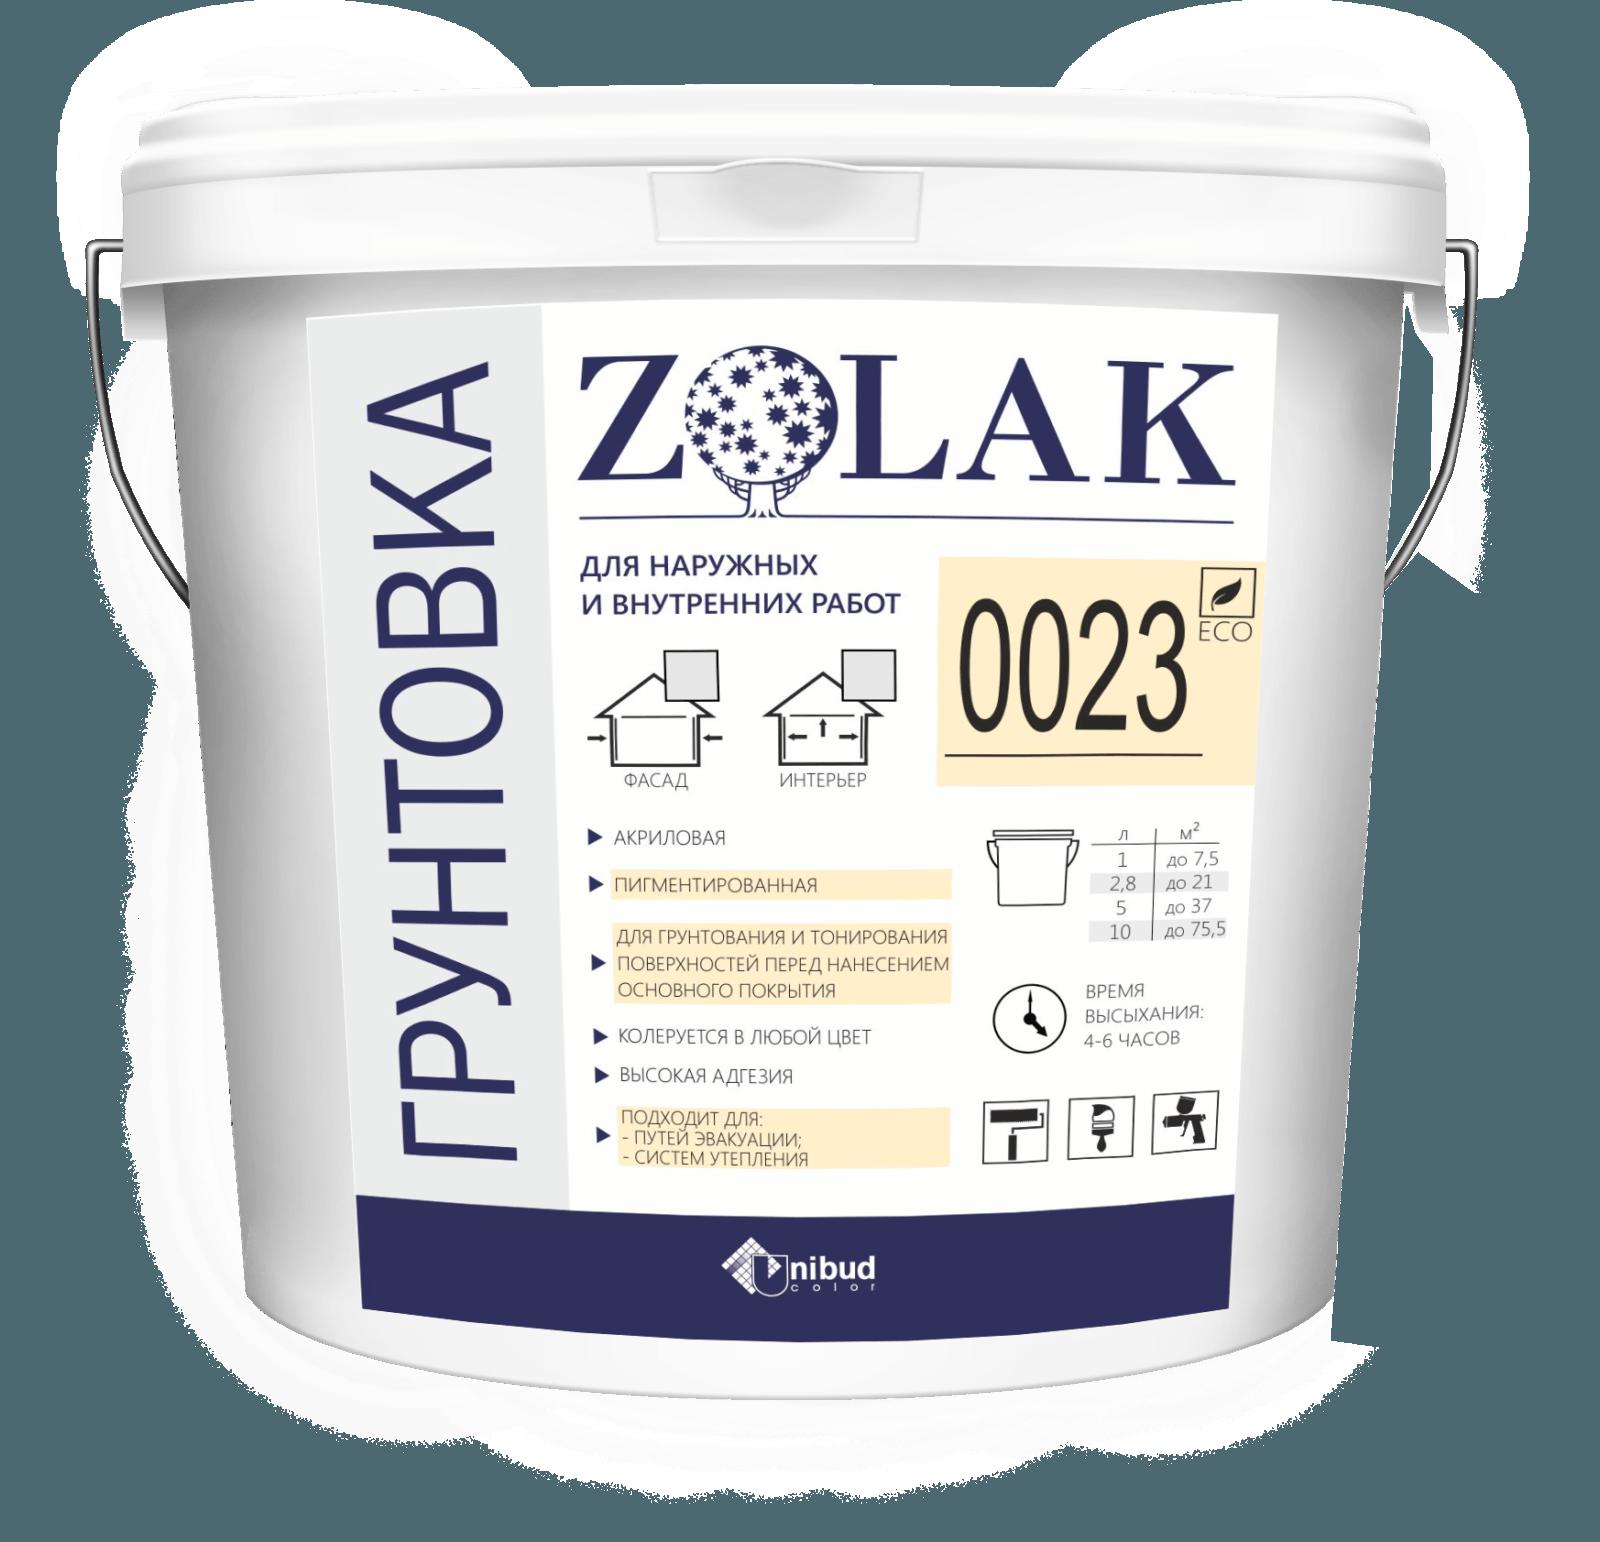 Zolak 0023 В (Н) П 1 Д, Zolak 0023 В П 1 Д